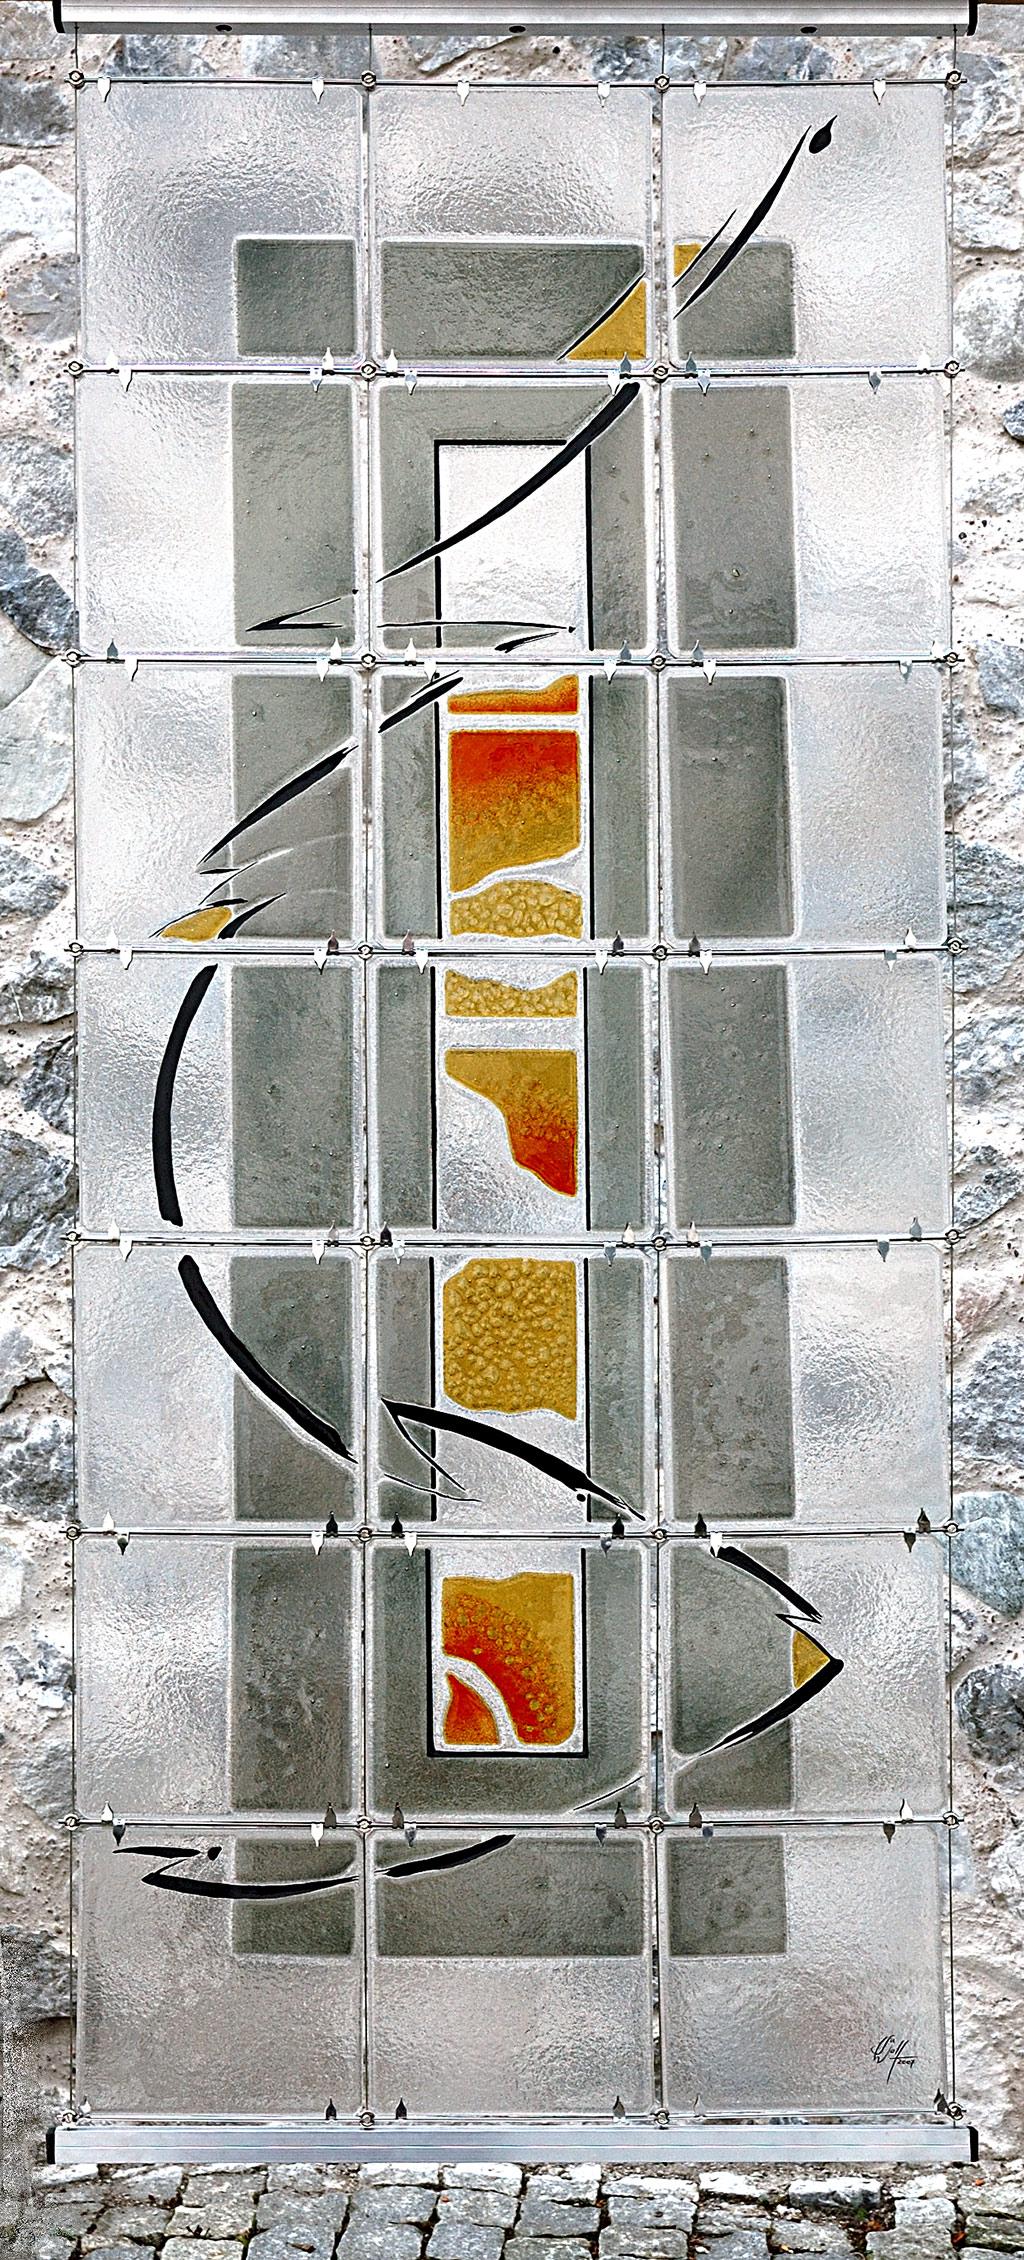 Im Inneren Auftragsarbeit Glaskunst in der Architektur Innen und Außen Innenraum Privatkunden Schönes Glas für Ihr Zuhause